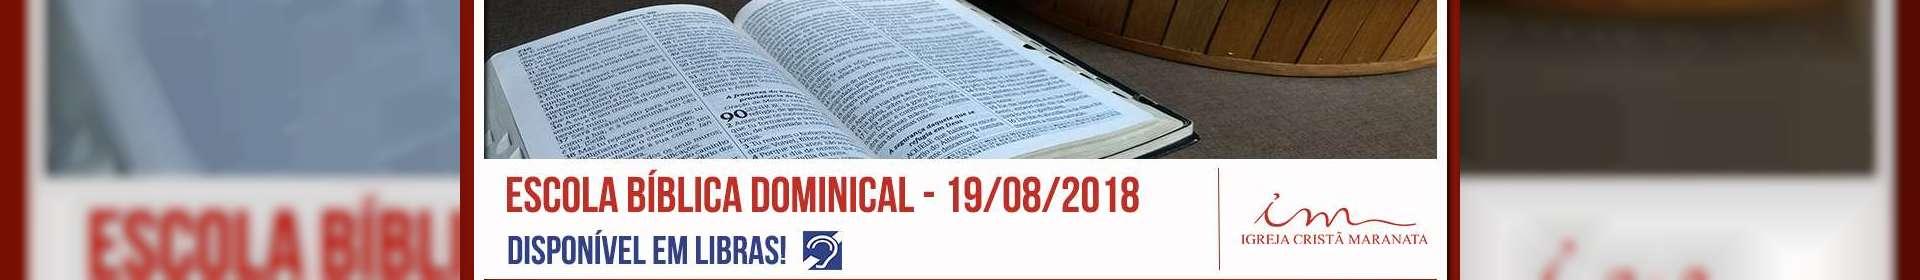 Escola Bíblica Dominical - 19/08/2018